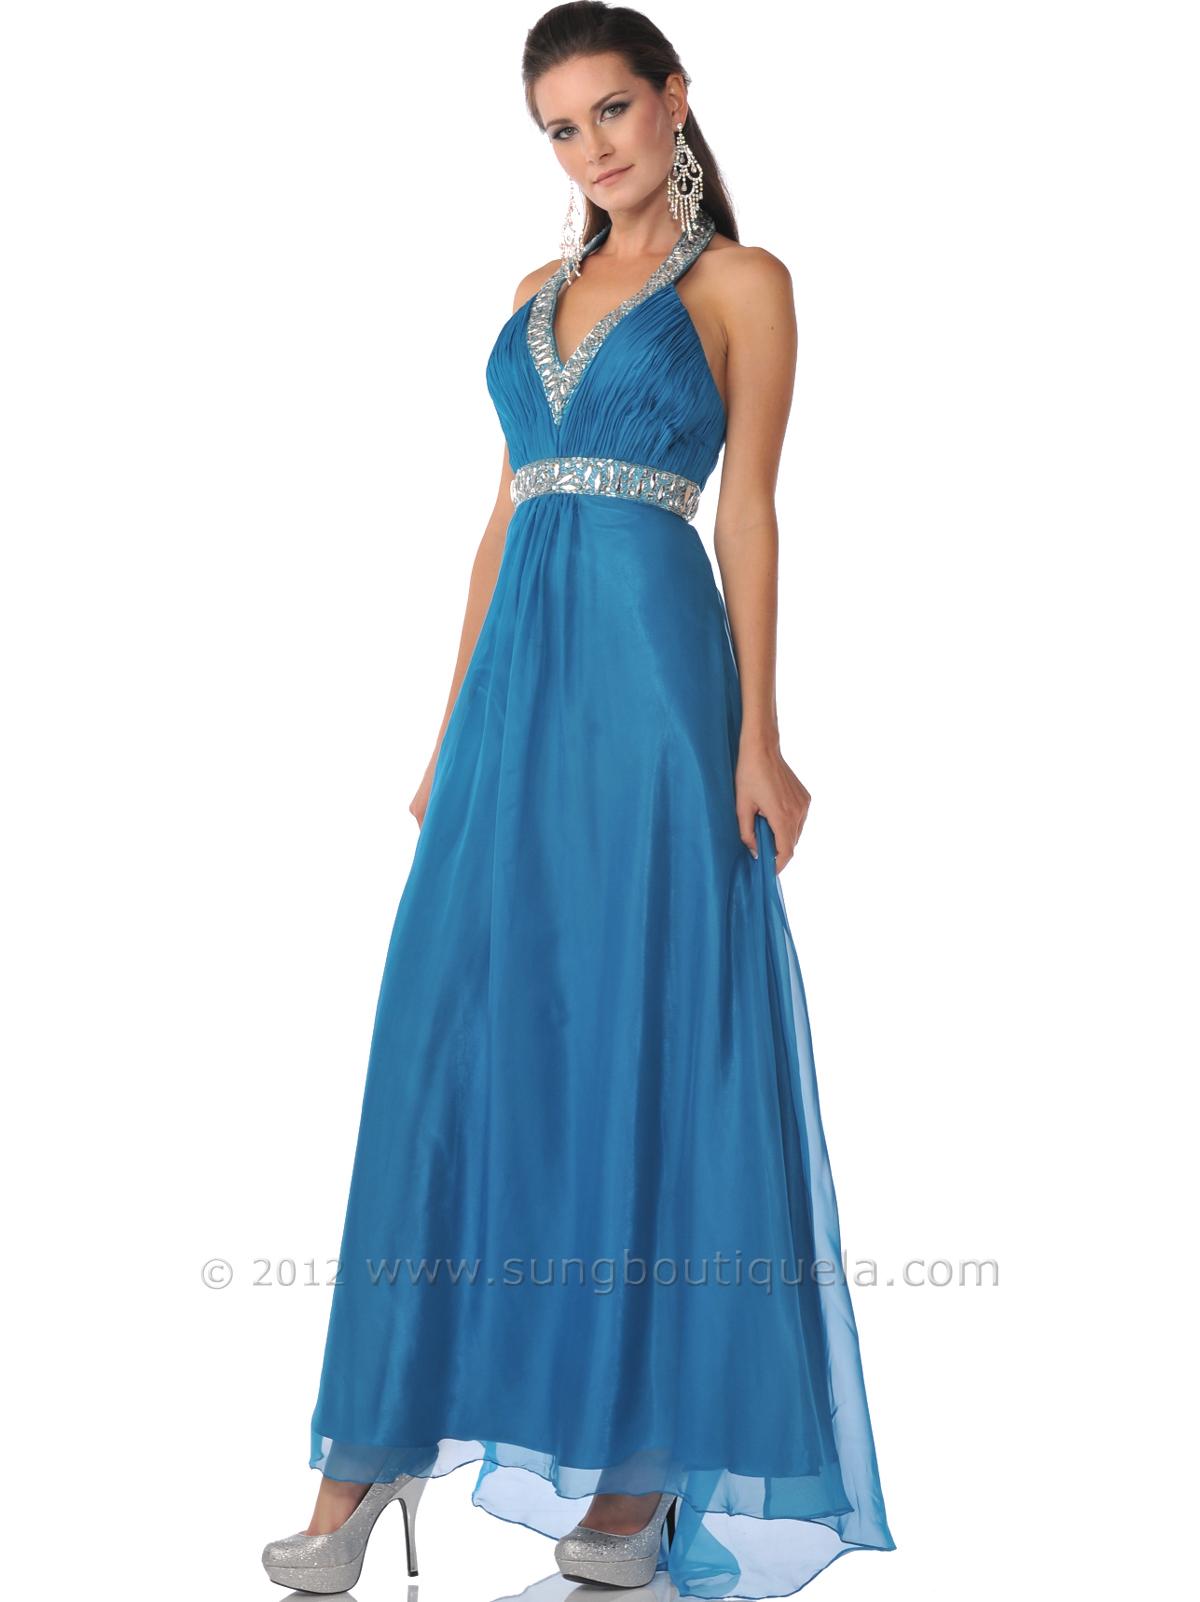 boleros for evening dresses photo - 1